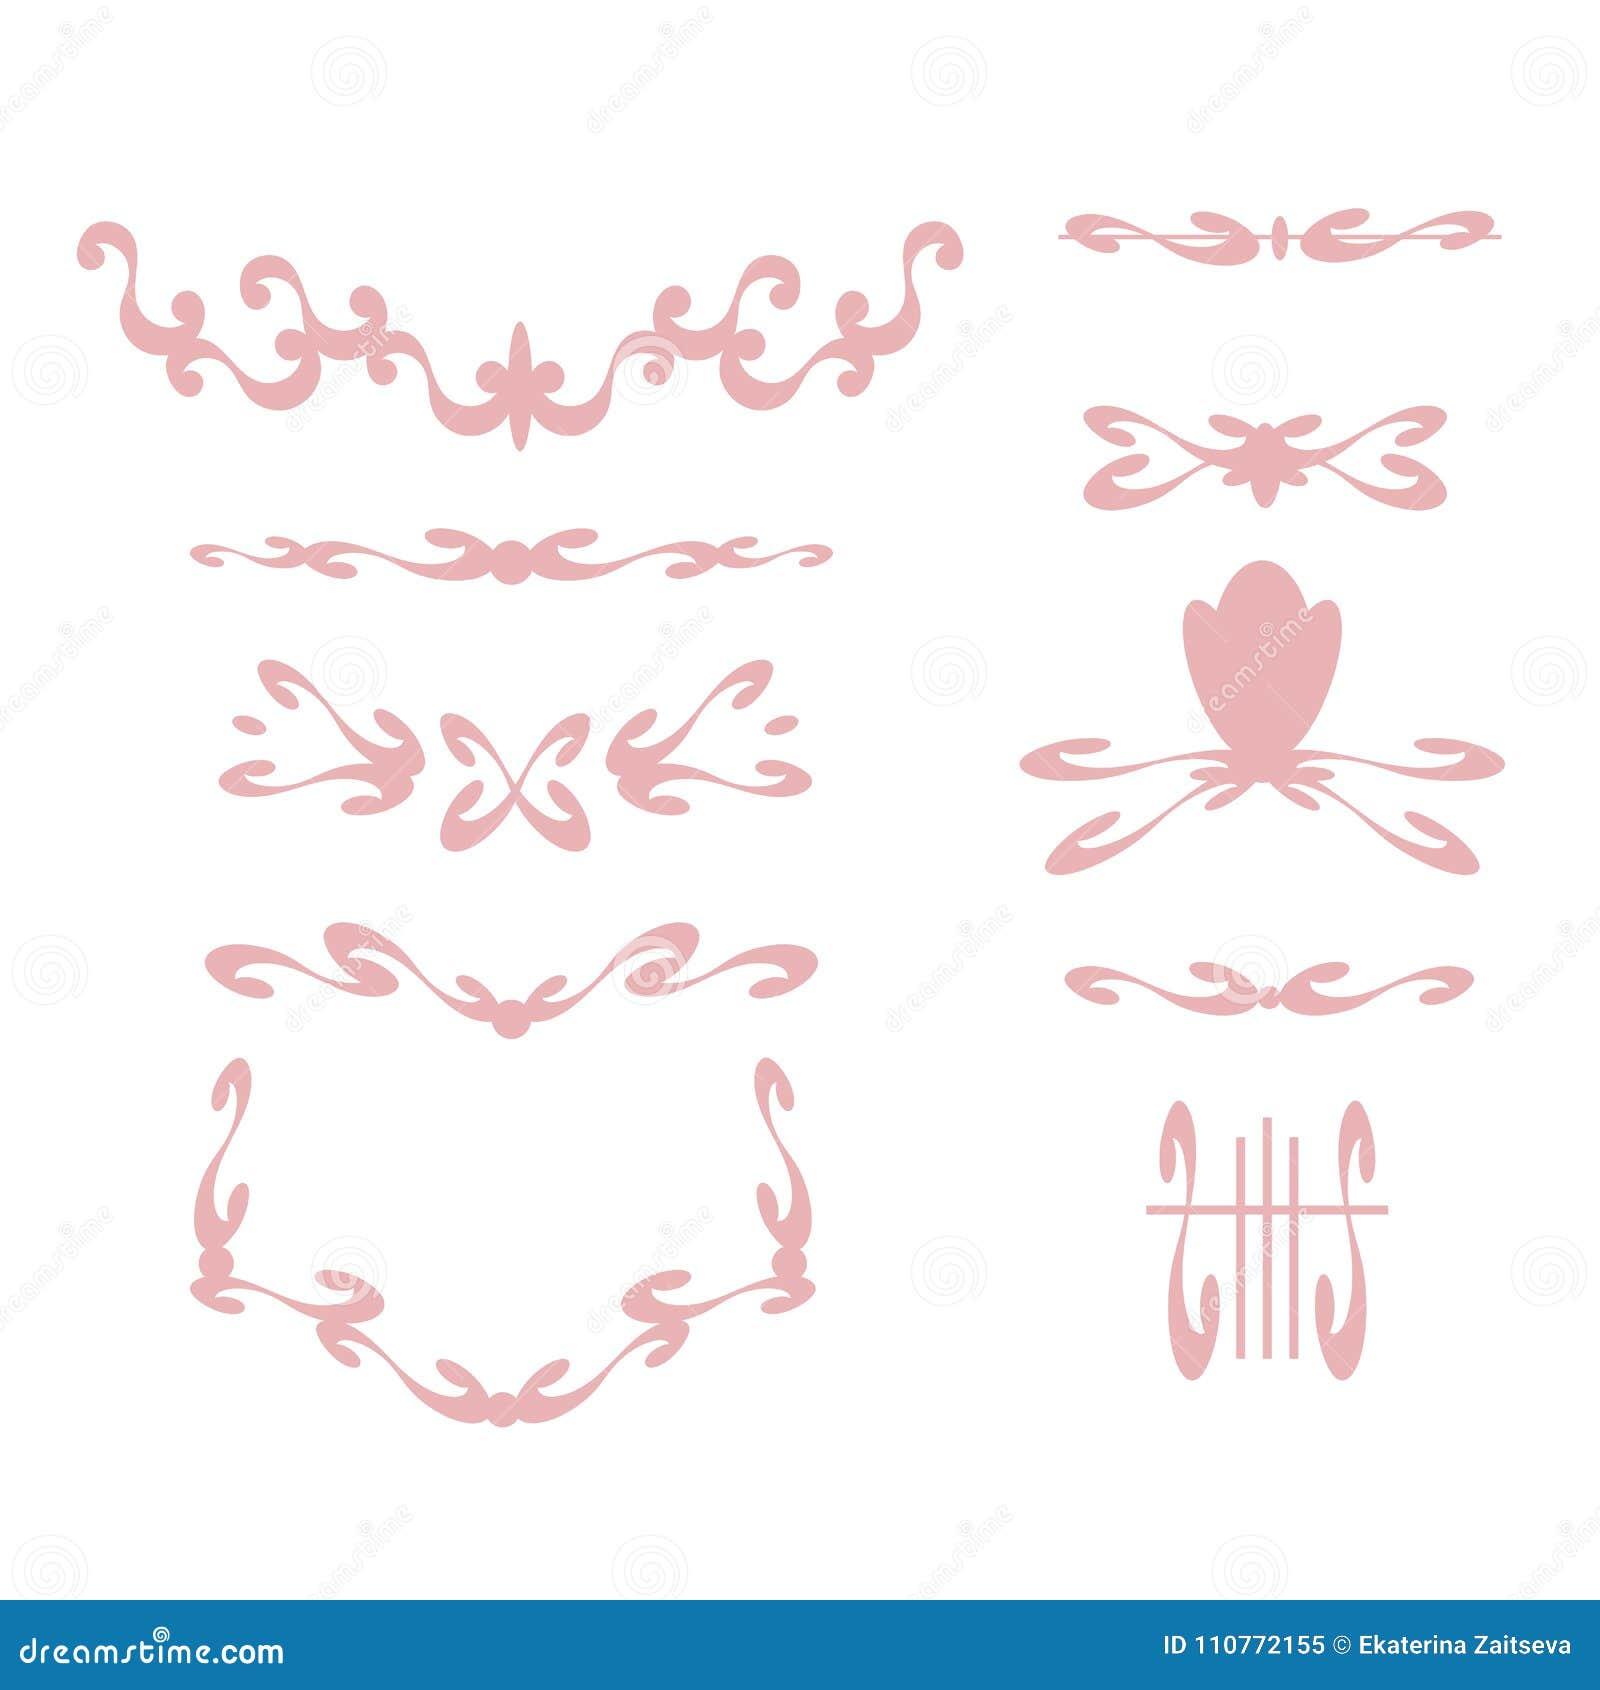 Delikata spensliga behagfulla rosa färger inramar och karaktärsteckningar med krullning